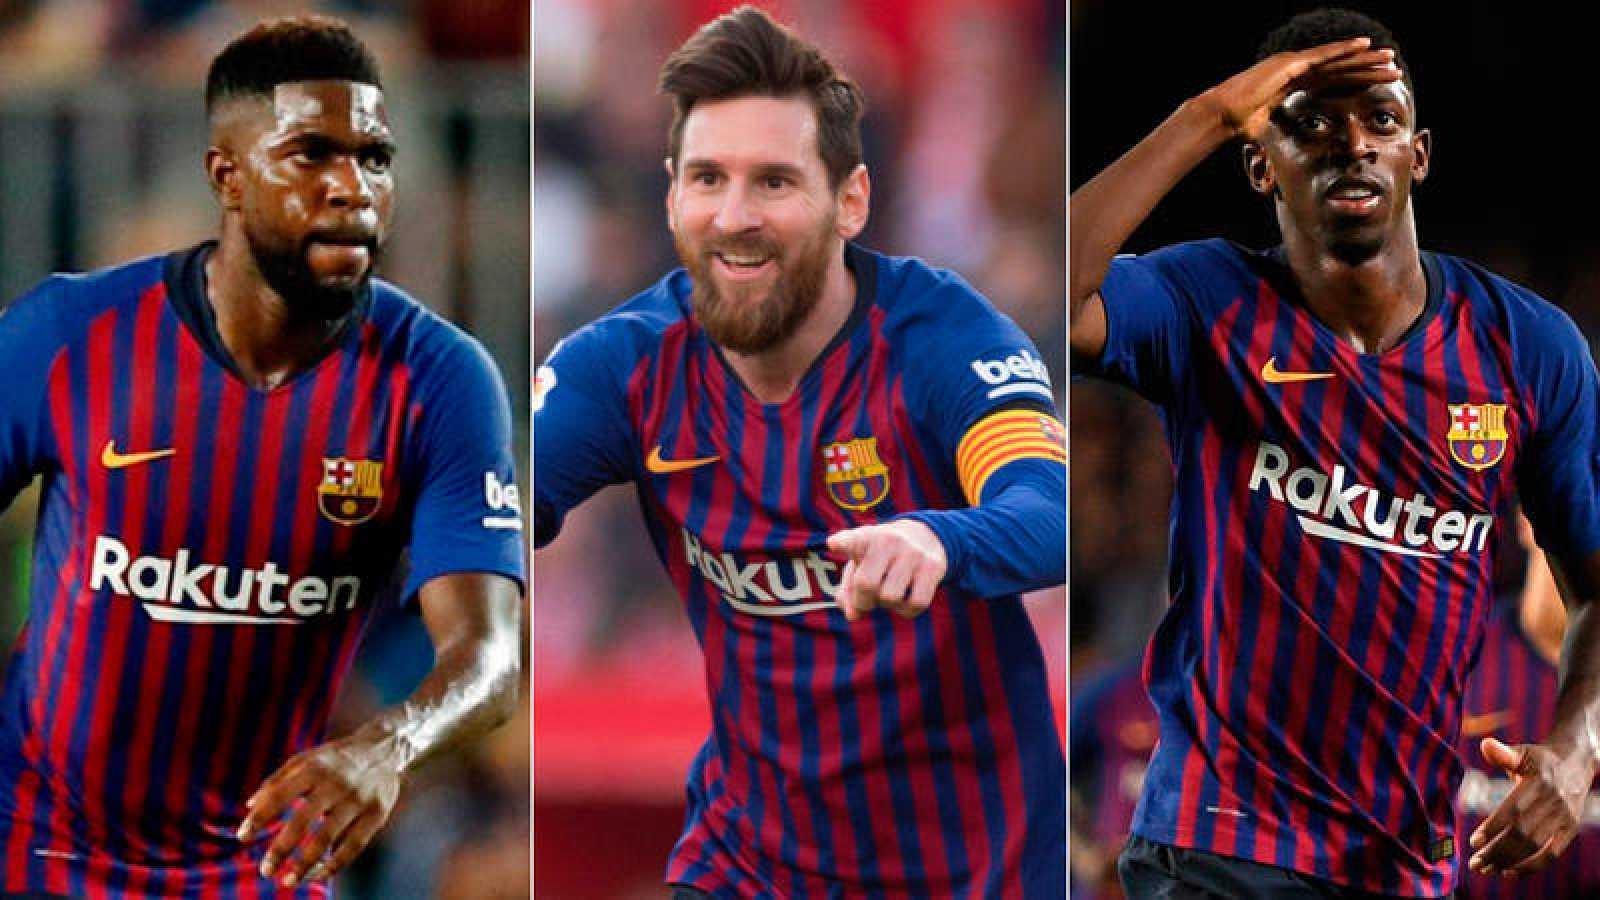 Los jugadores del FC Barcelona Umtiti, Messi y Dembélé.